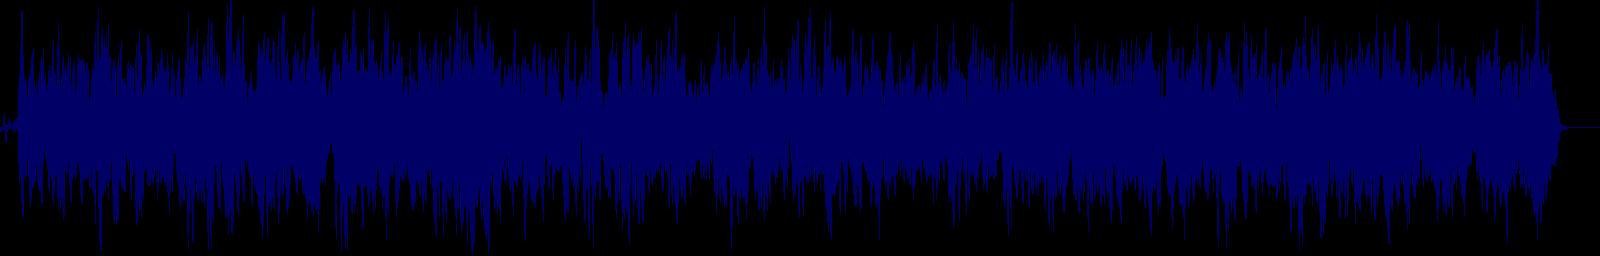 waveform of track #146500